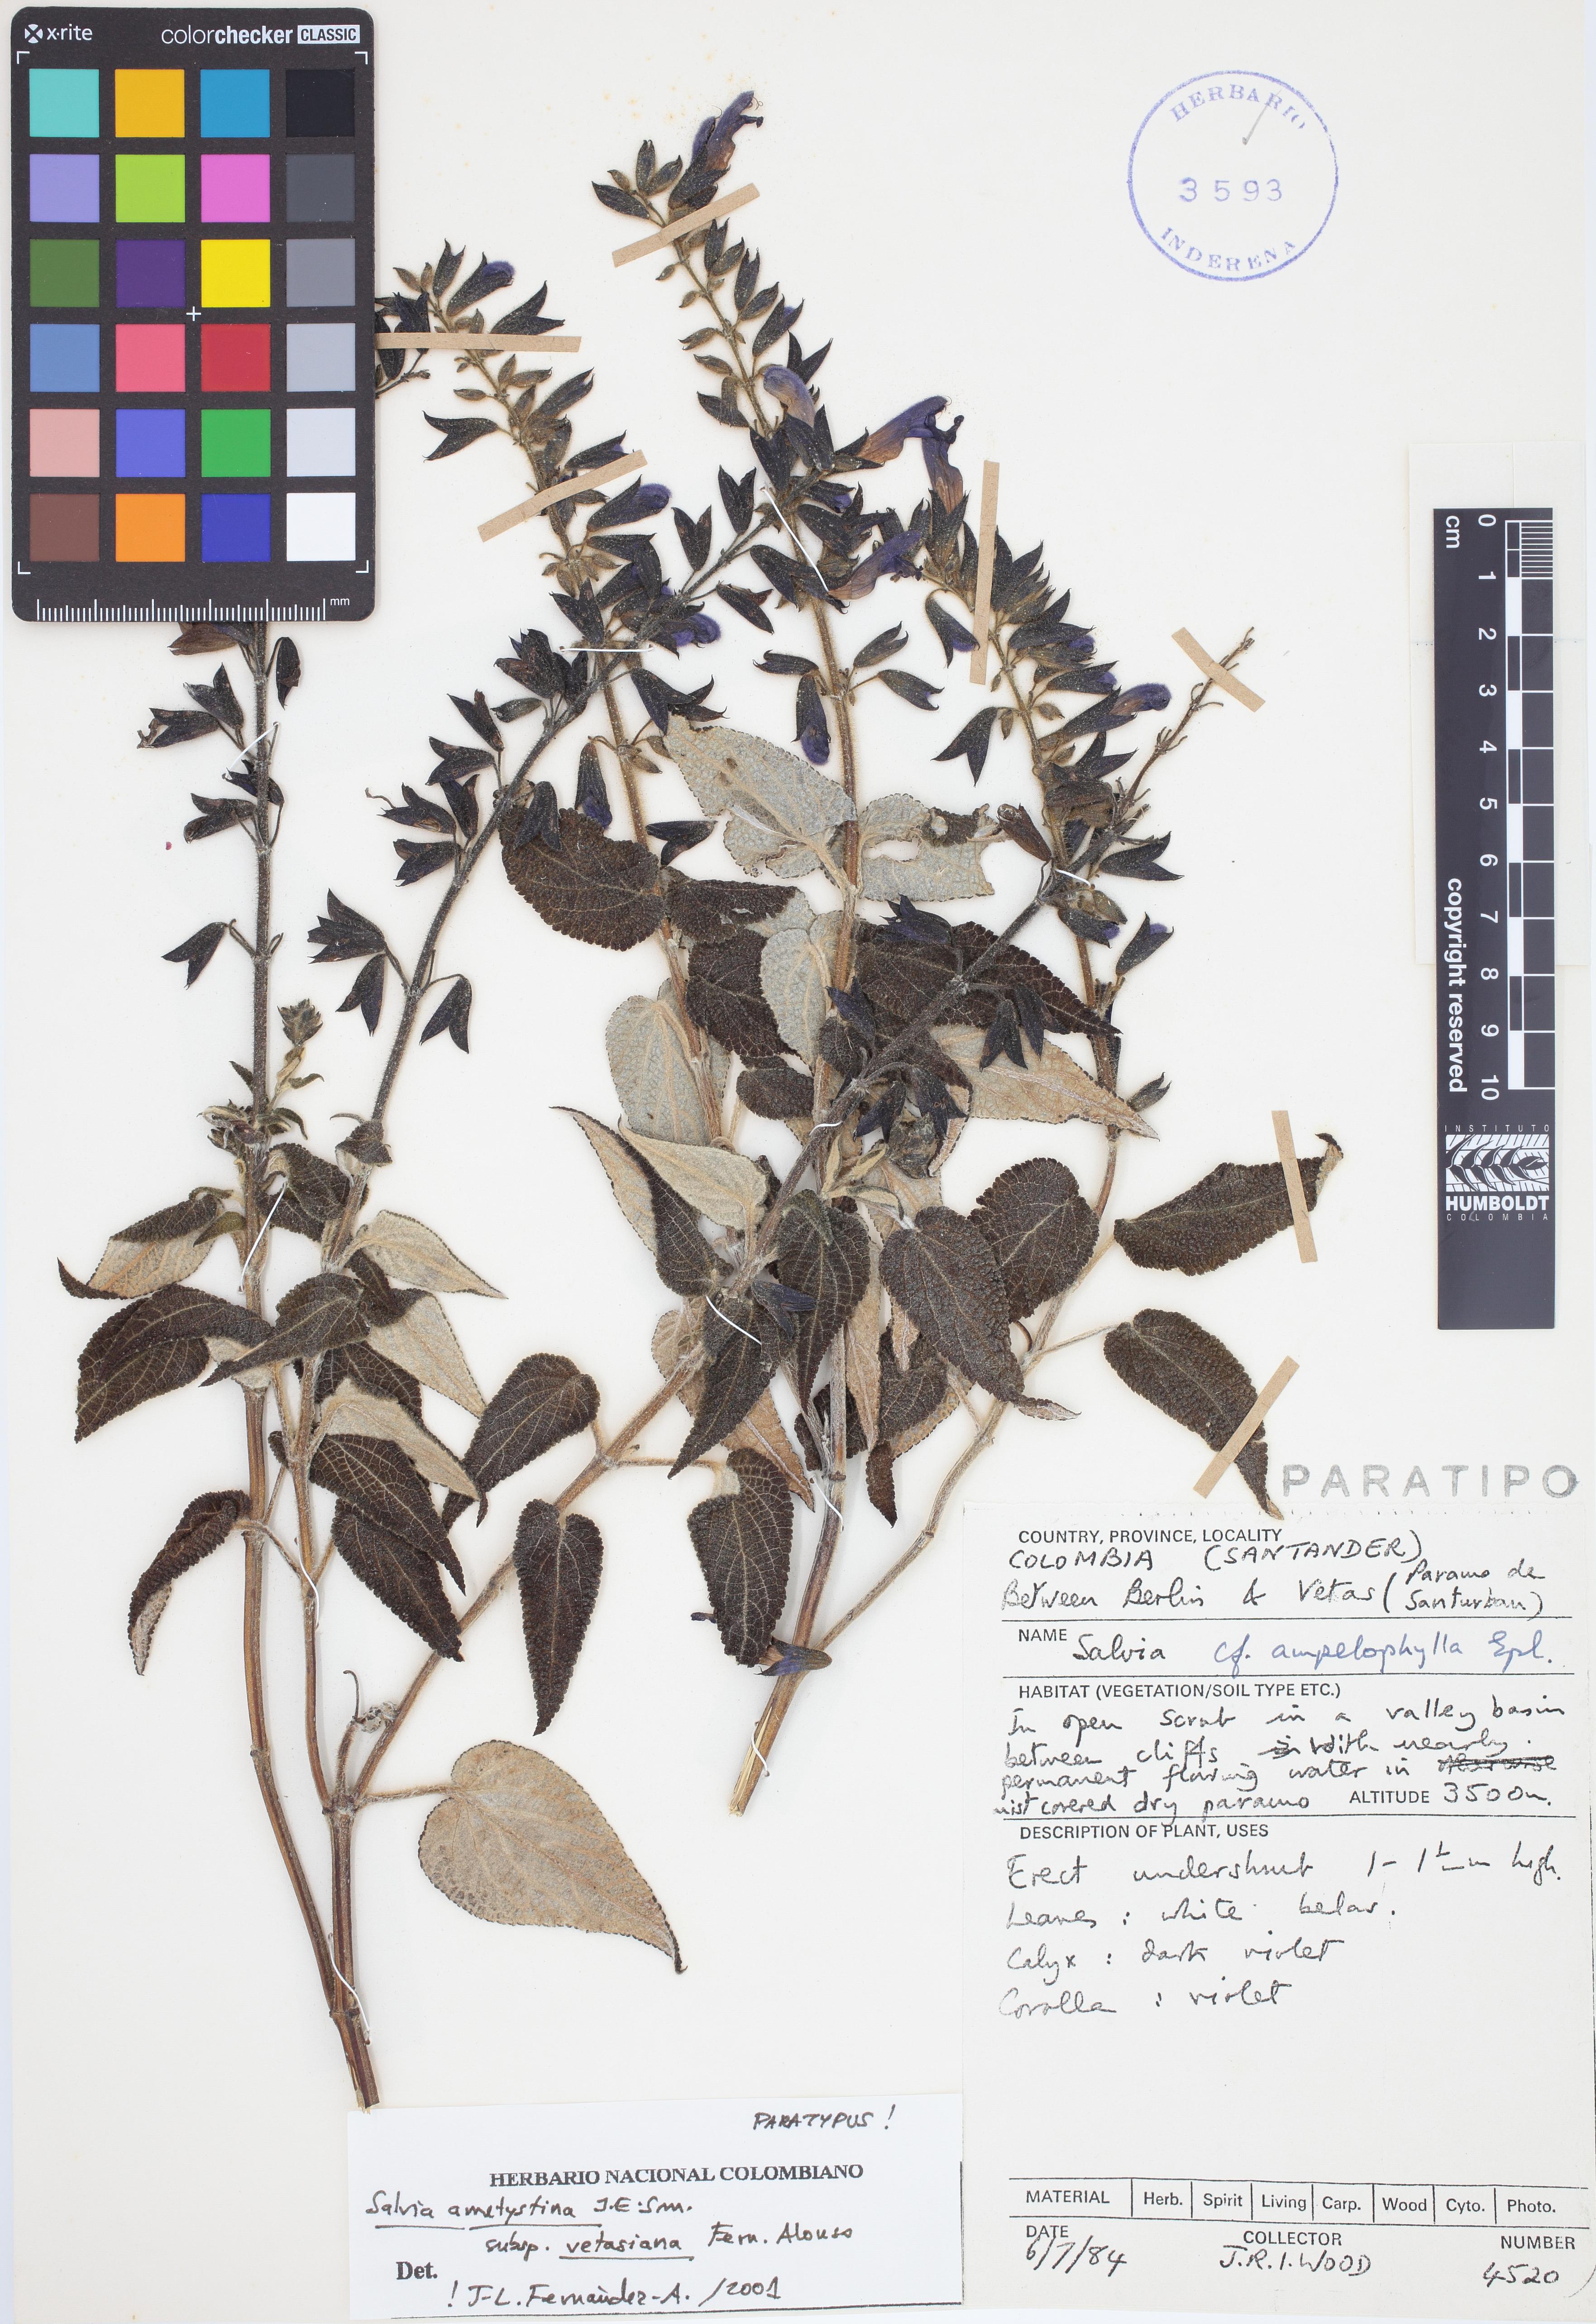 Paratipo de <em>Salvia amethystina</em> subsp. <em>vetasiana</em>, FMB-3593, Fotografía por Robles A.